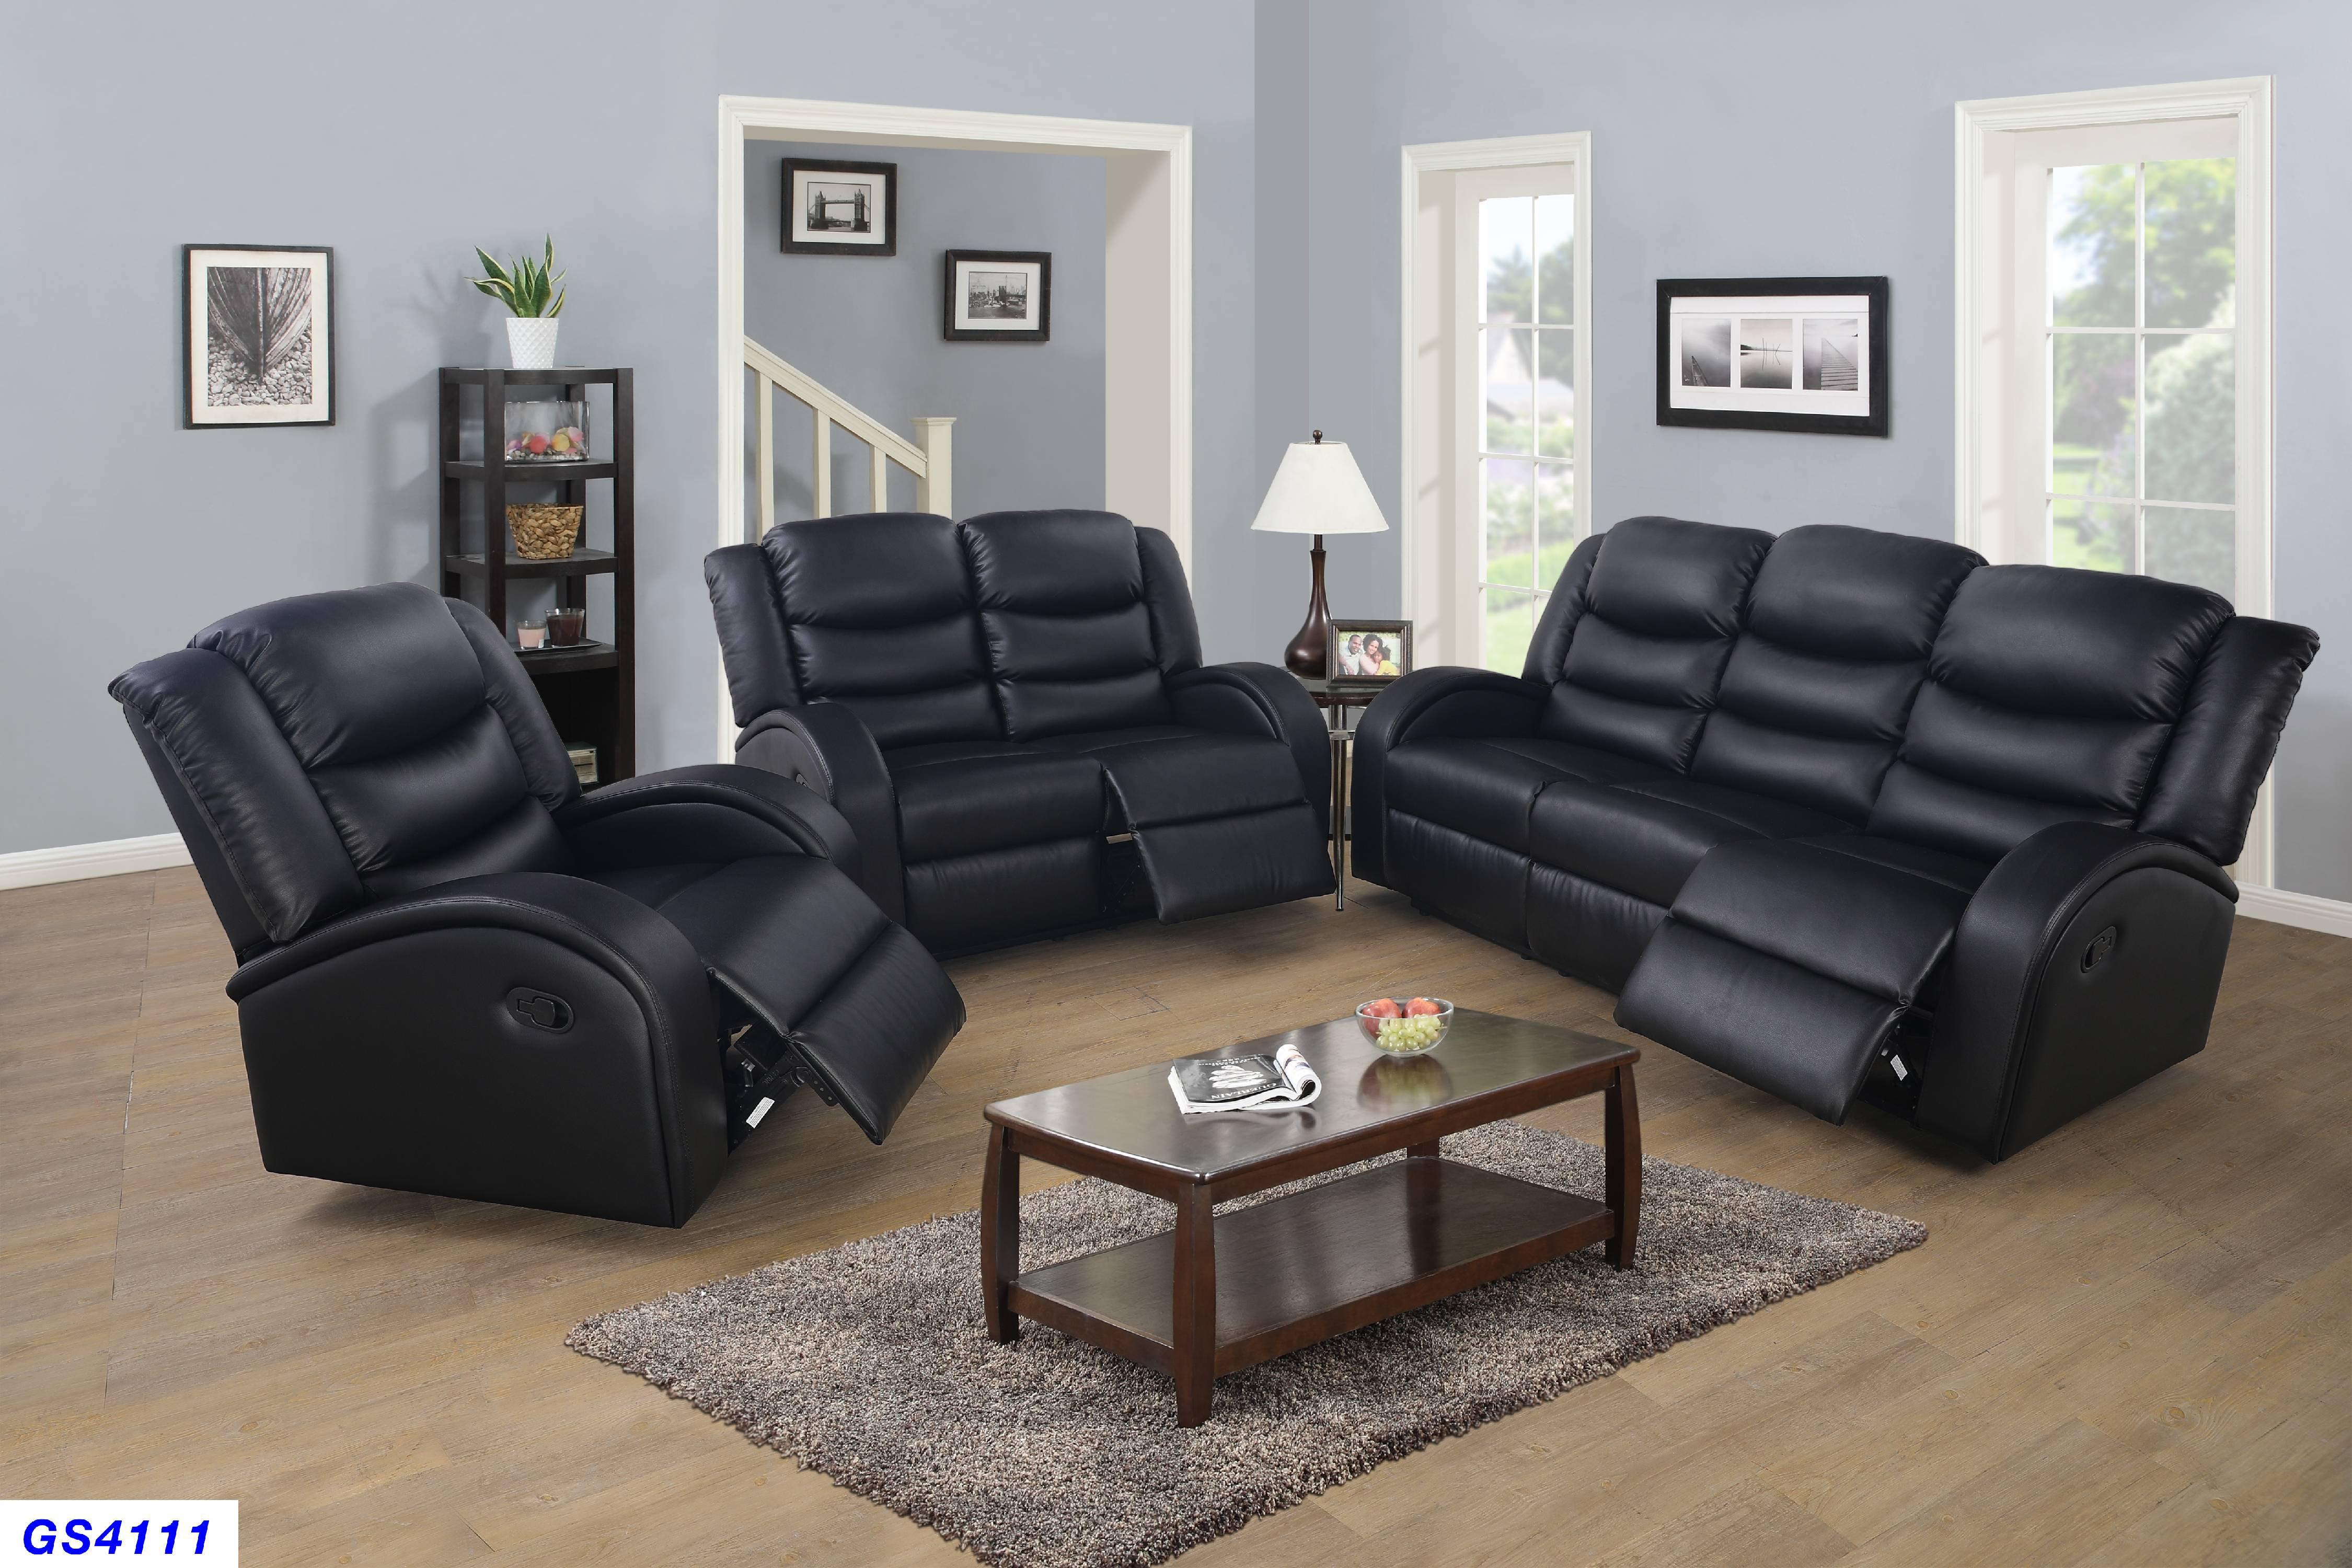 Lorenze Black Recliner 3-Pieces Sofa Set - Walmart.com